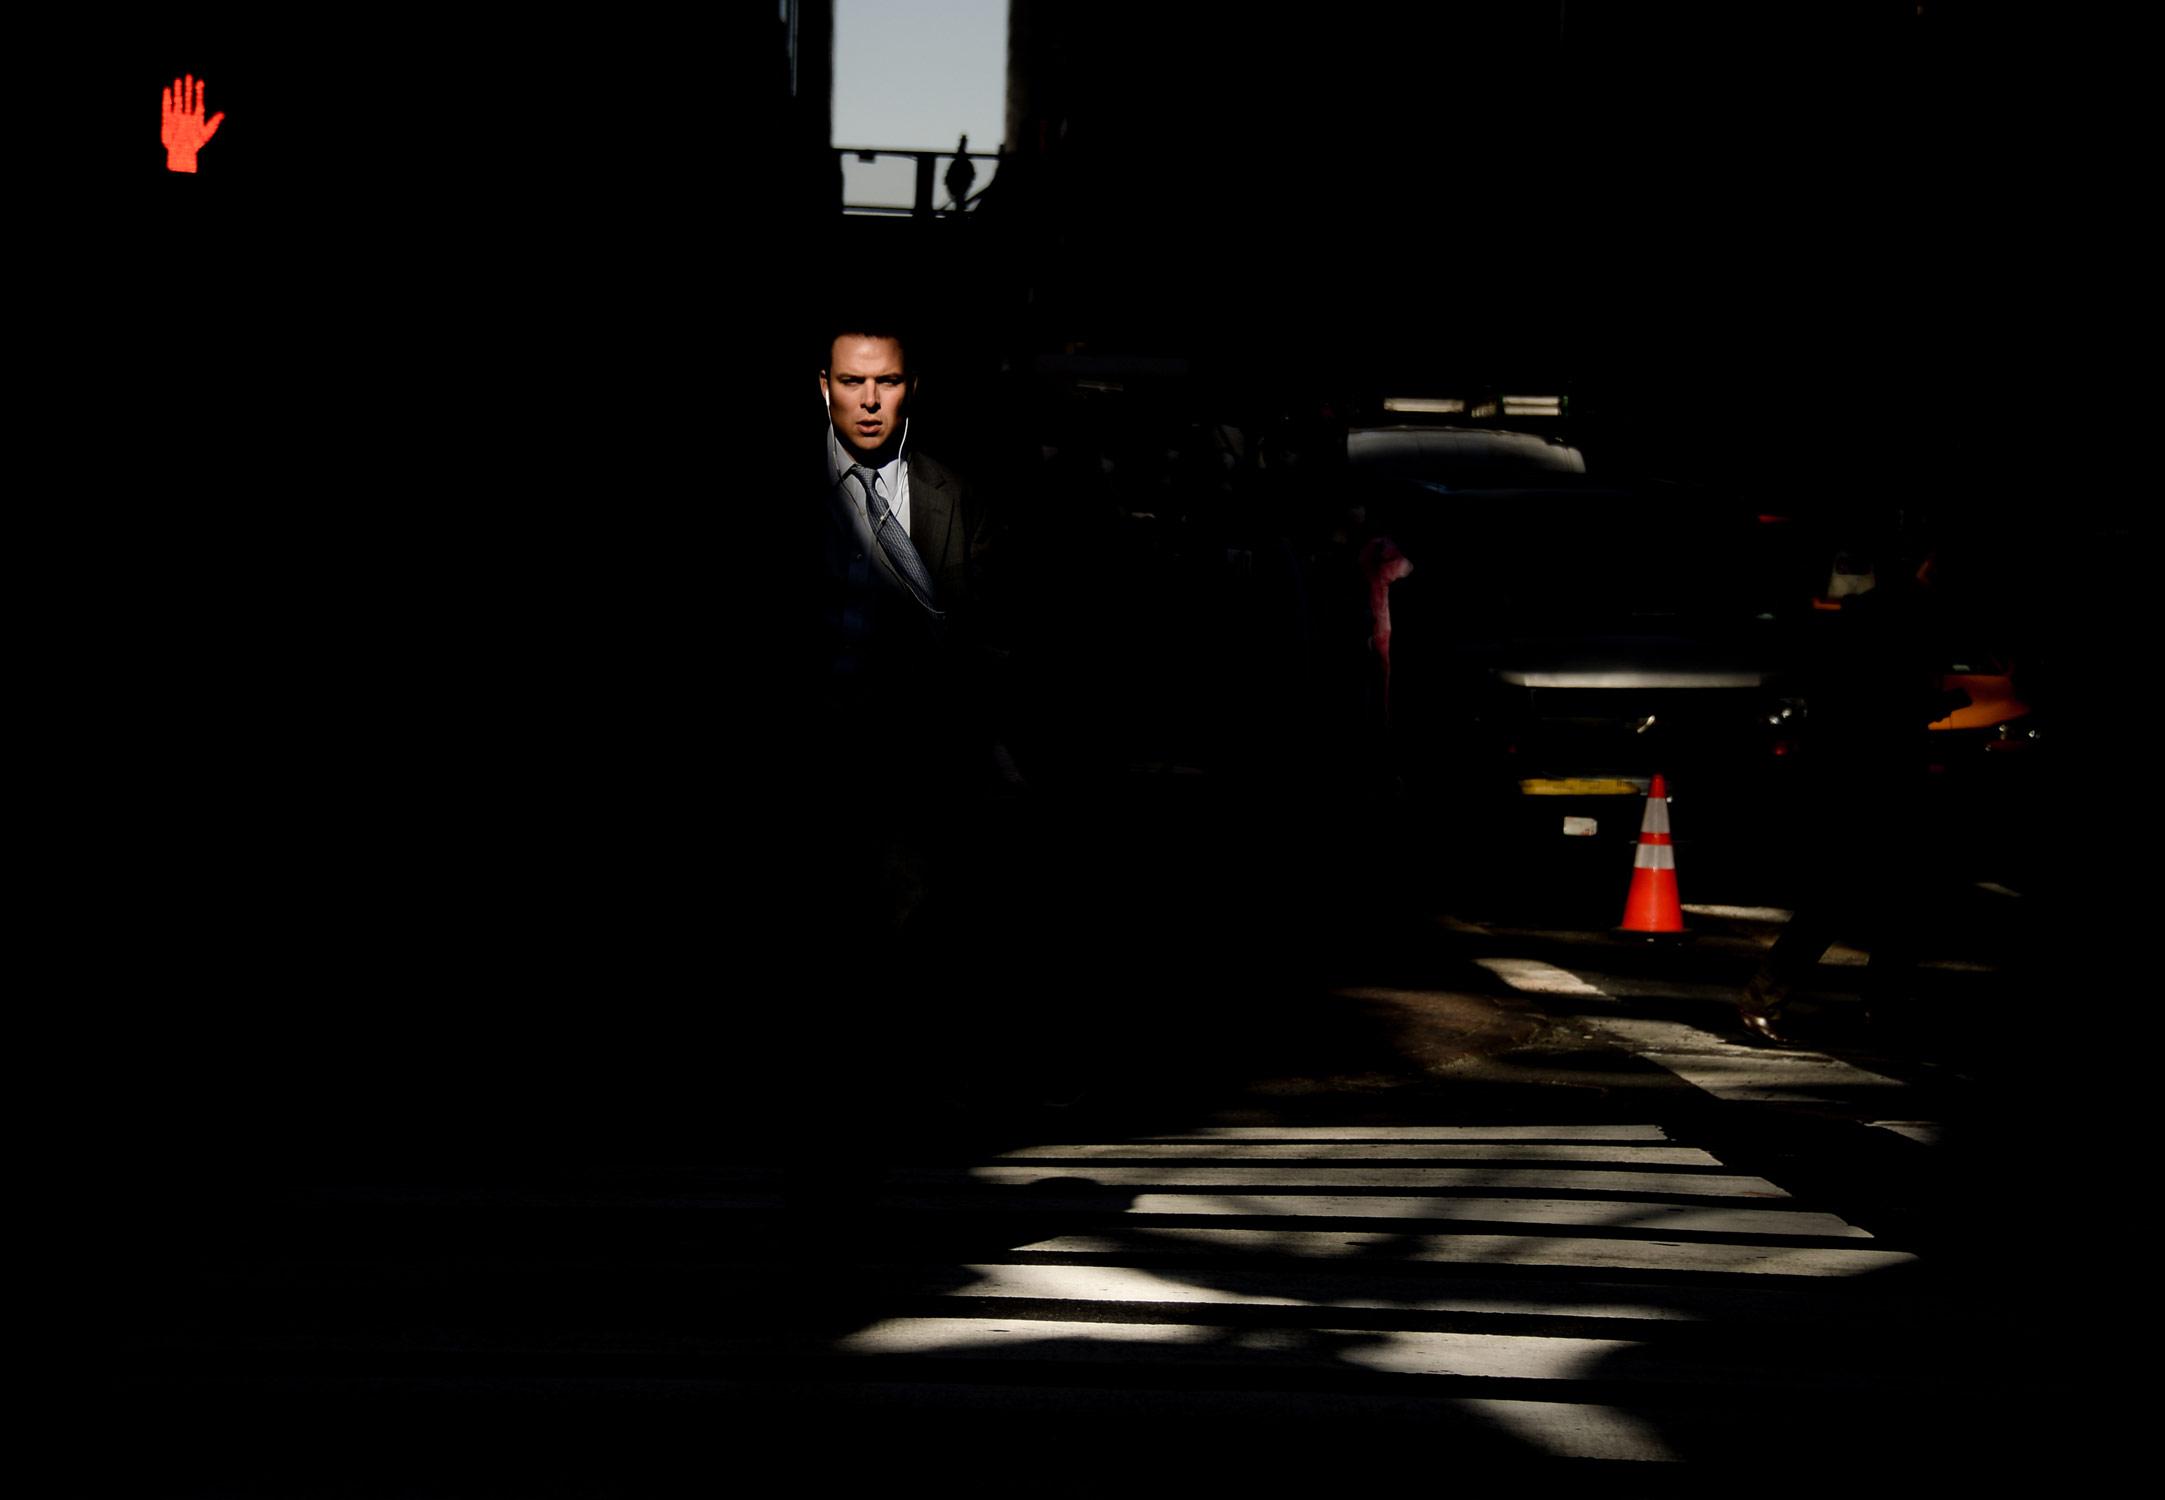 Алексей Филлипов, Пятая Авеню, 2 место в номинации «Жанр», профессионалы, Фотоконкурс Nikon «Я в сердце изображения»